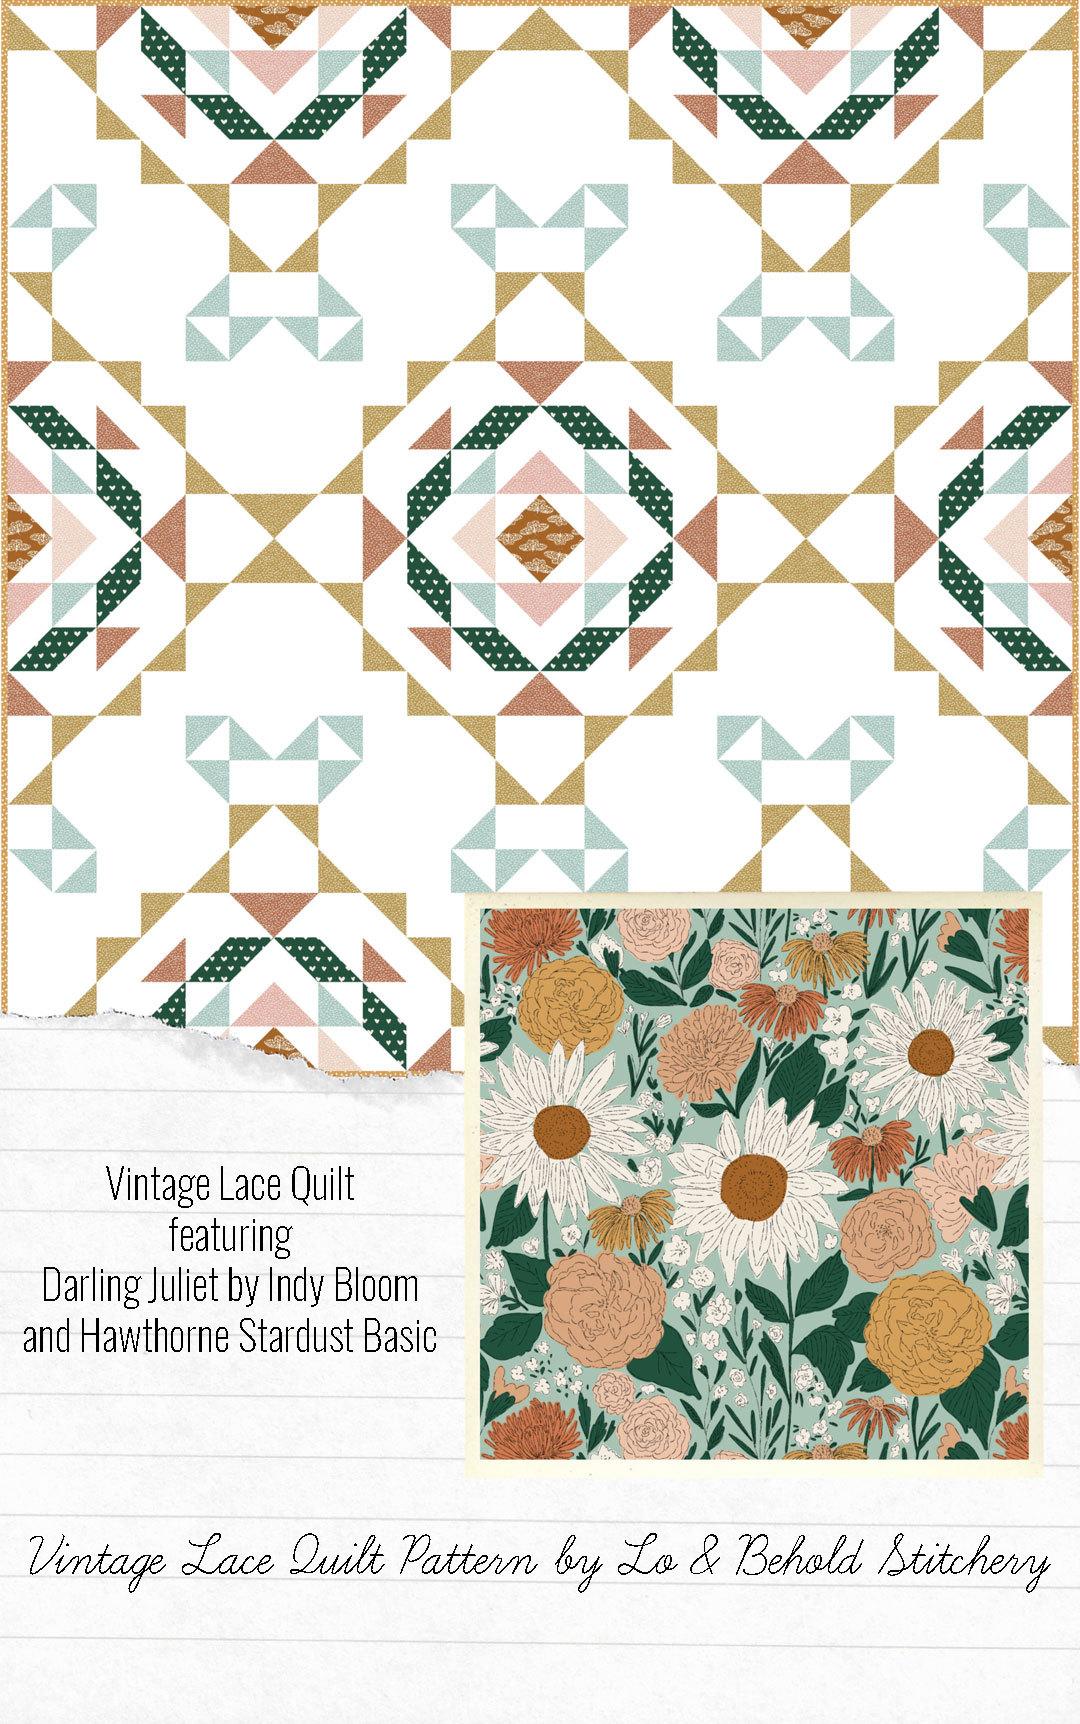 Darling-Juliet-Vintage-Lace-Quilt-Indy-bloom